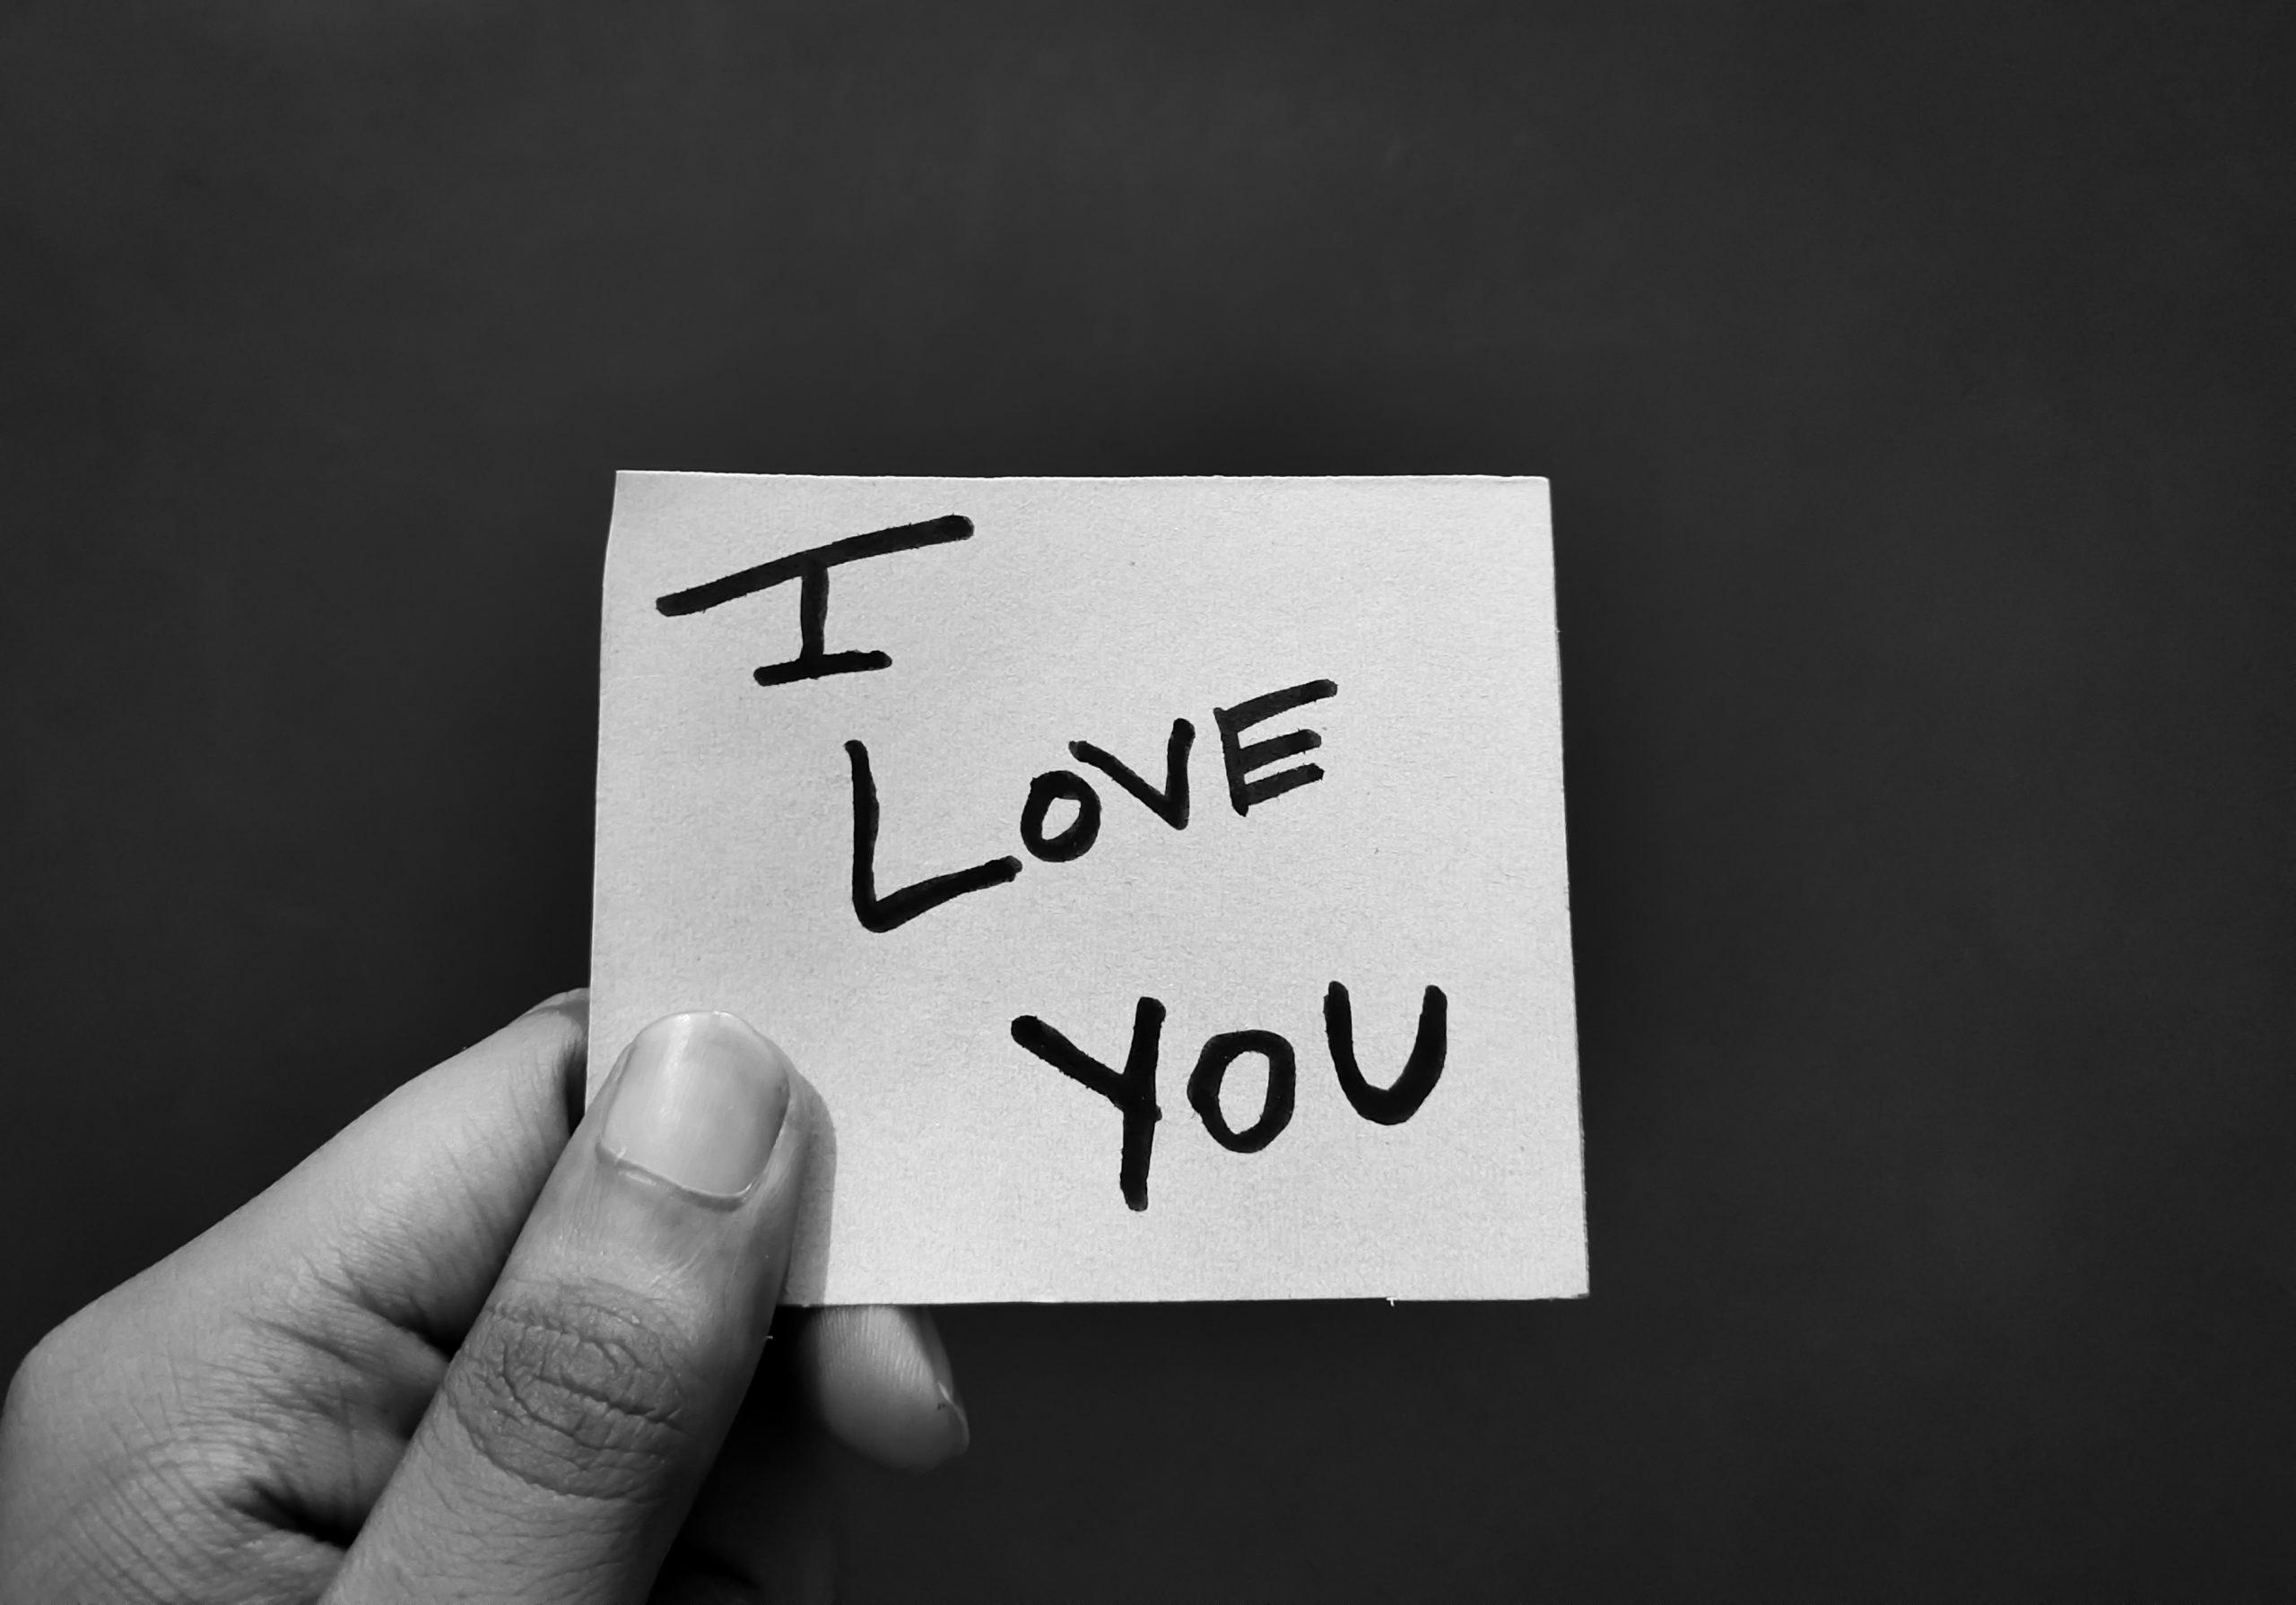 恋愛占い|『早く気付いて…』彼があなたから聞きたい言葉◆2人の絆&恋の願望